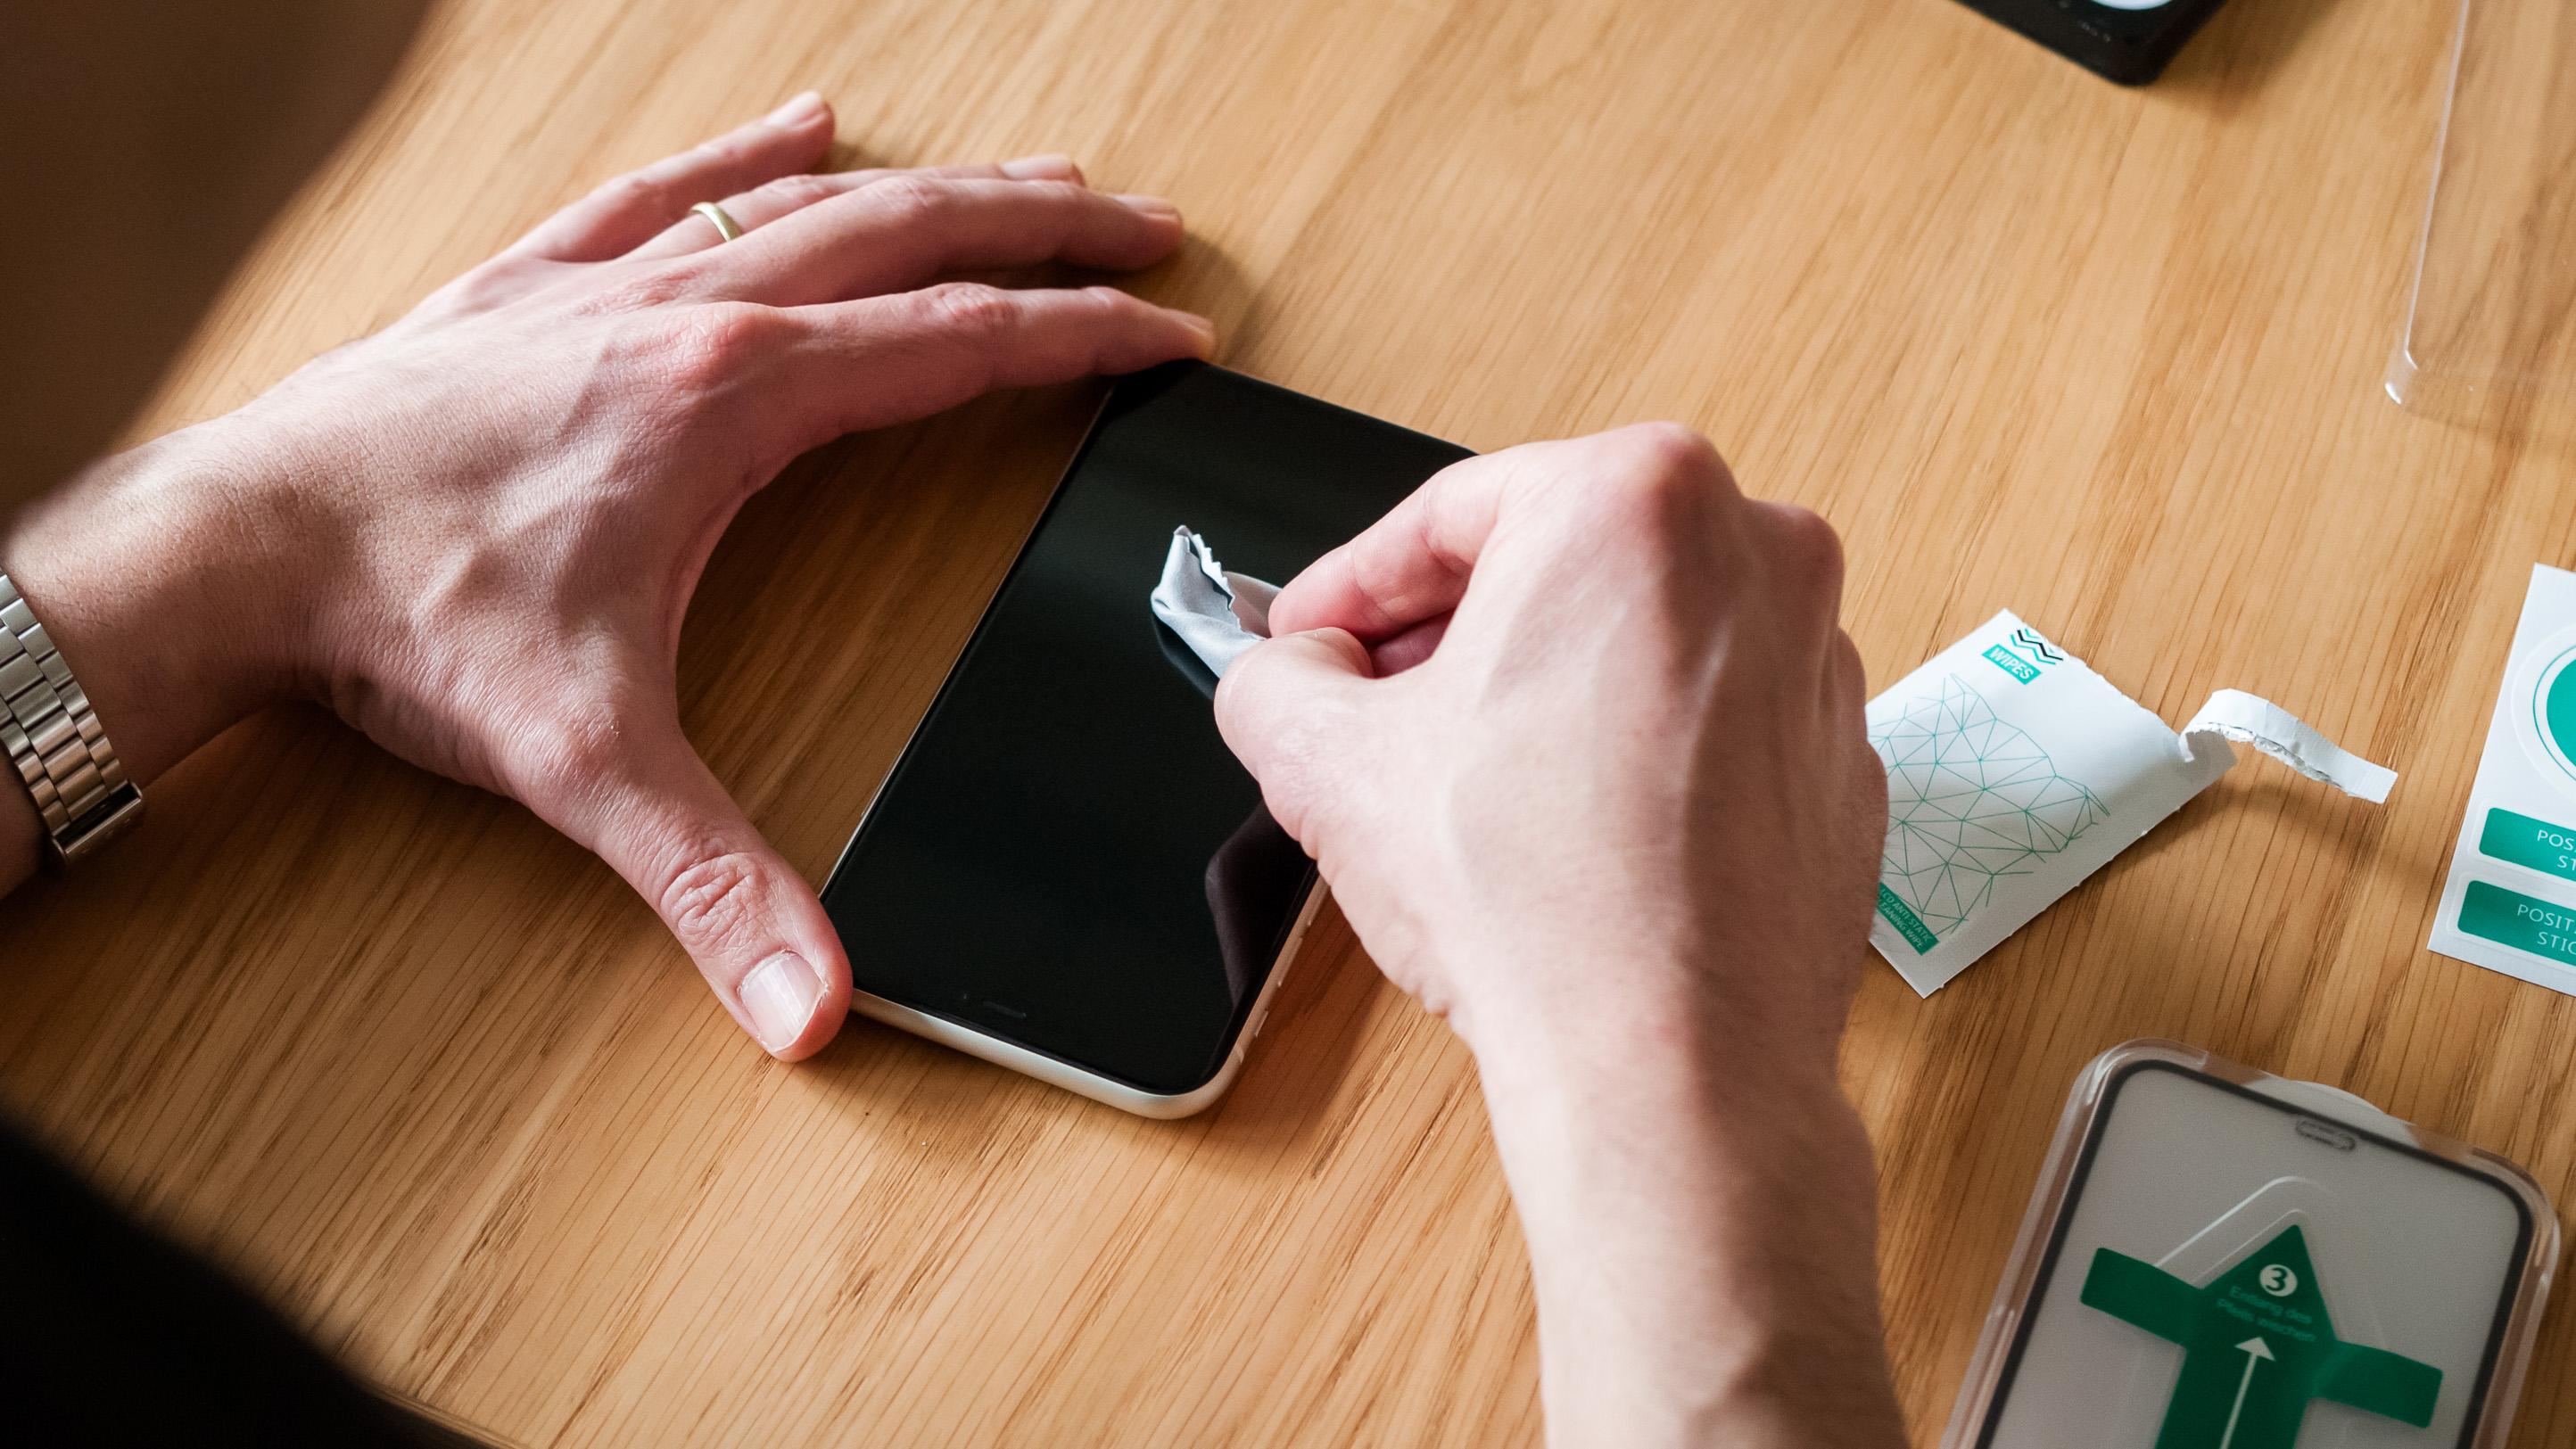 Handy Panzerglas entfernen und anbringen Methoden und Tipps